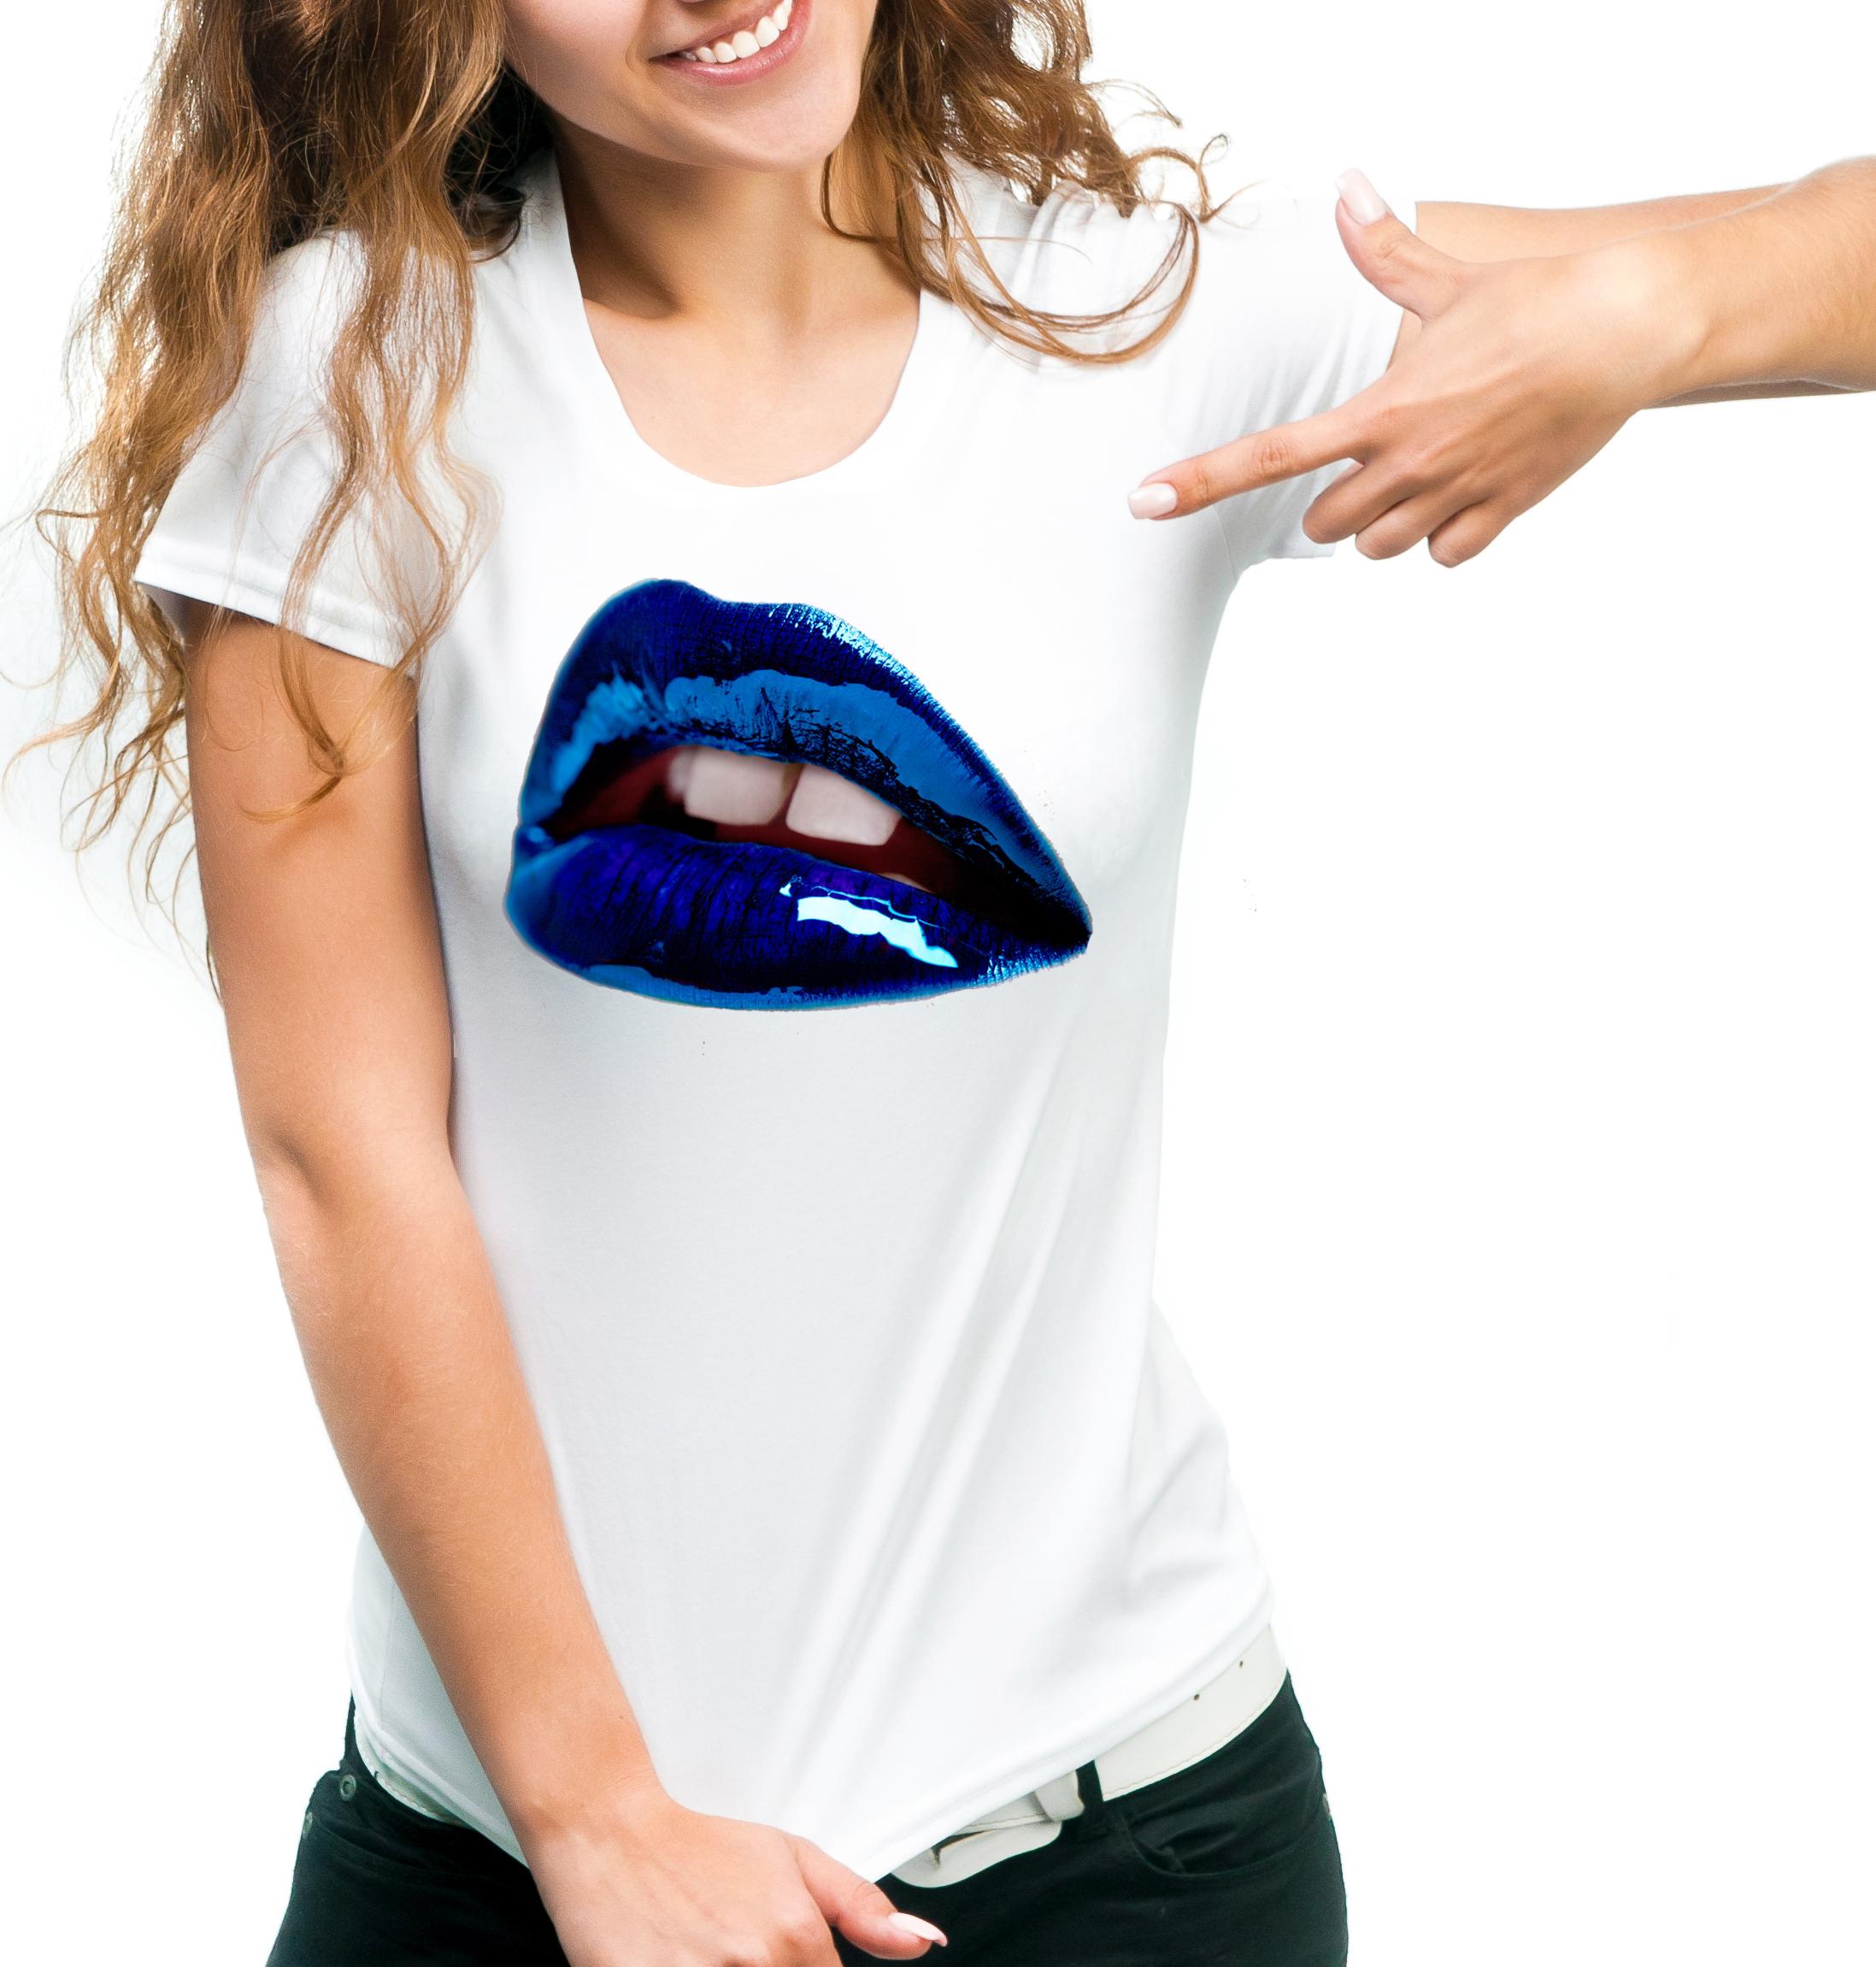 maglietta bianca donna, maniche corte fruit of the loom, sofspun, lips art, labbra colorate, blue